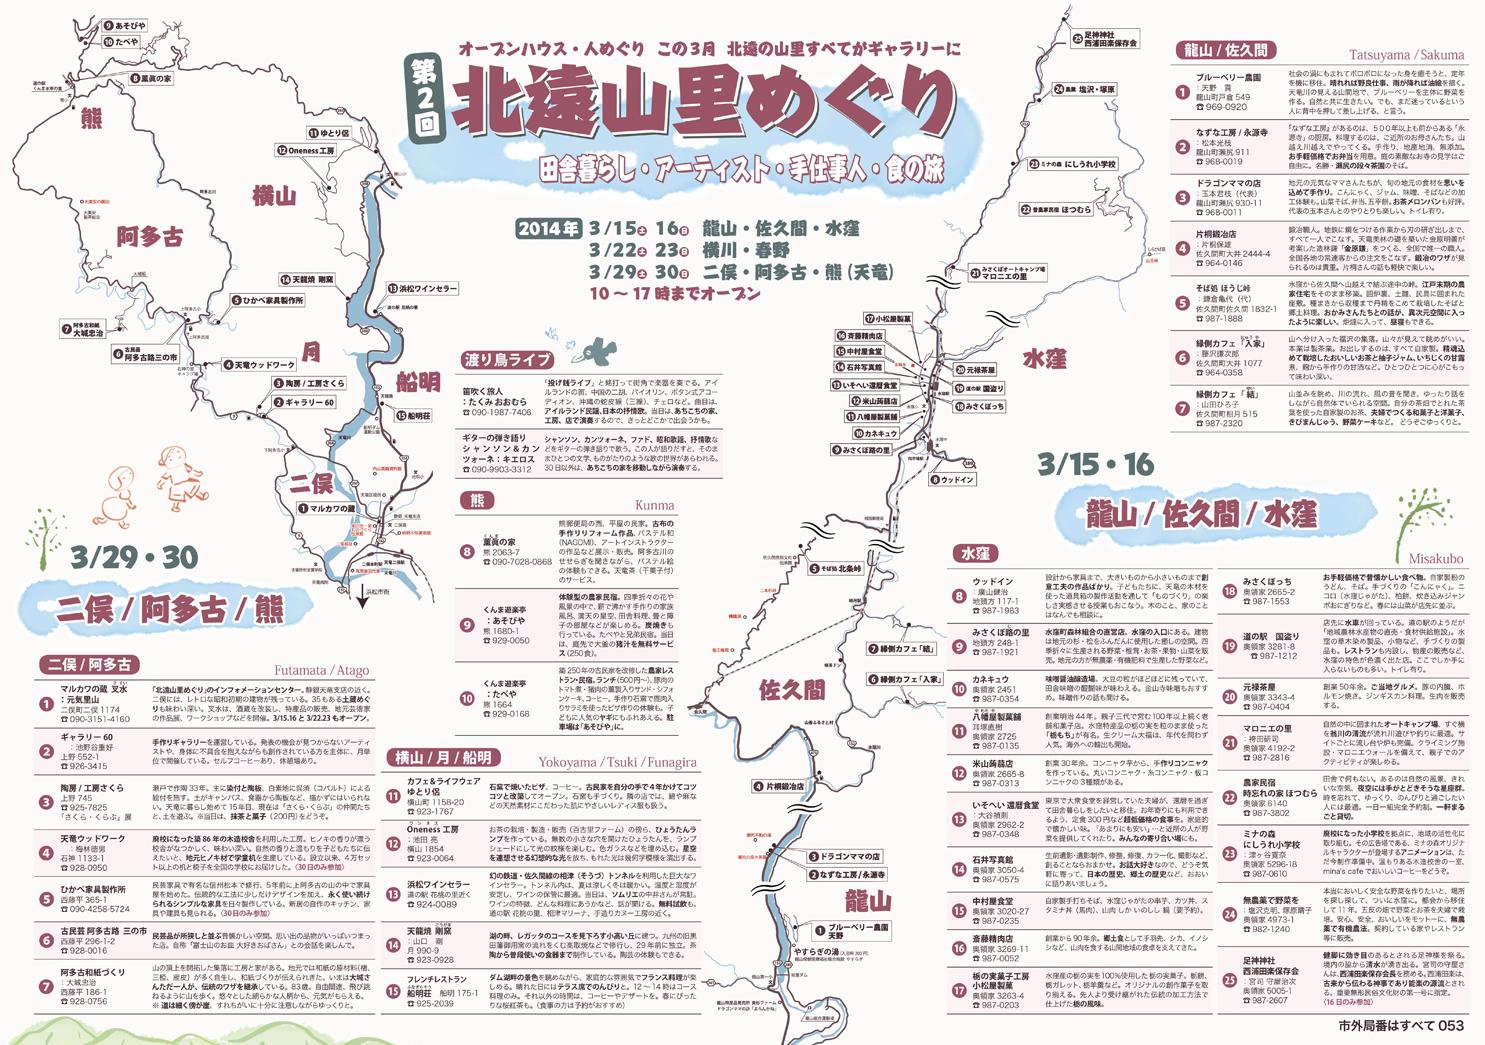 http://www.inhamamatsu.com/recommend/hm14_ura.jpg